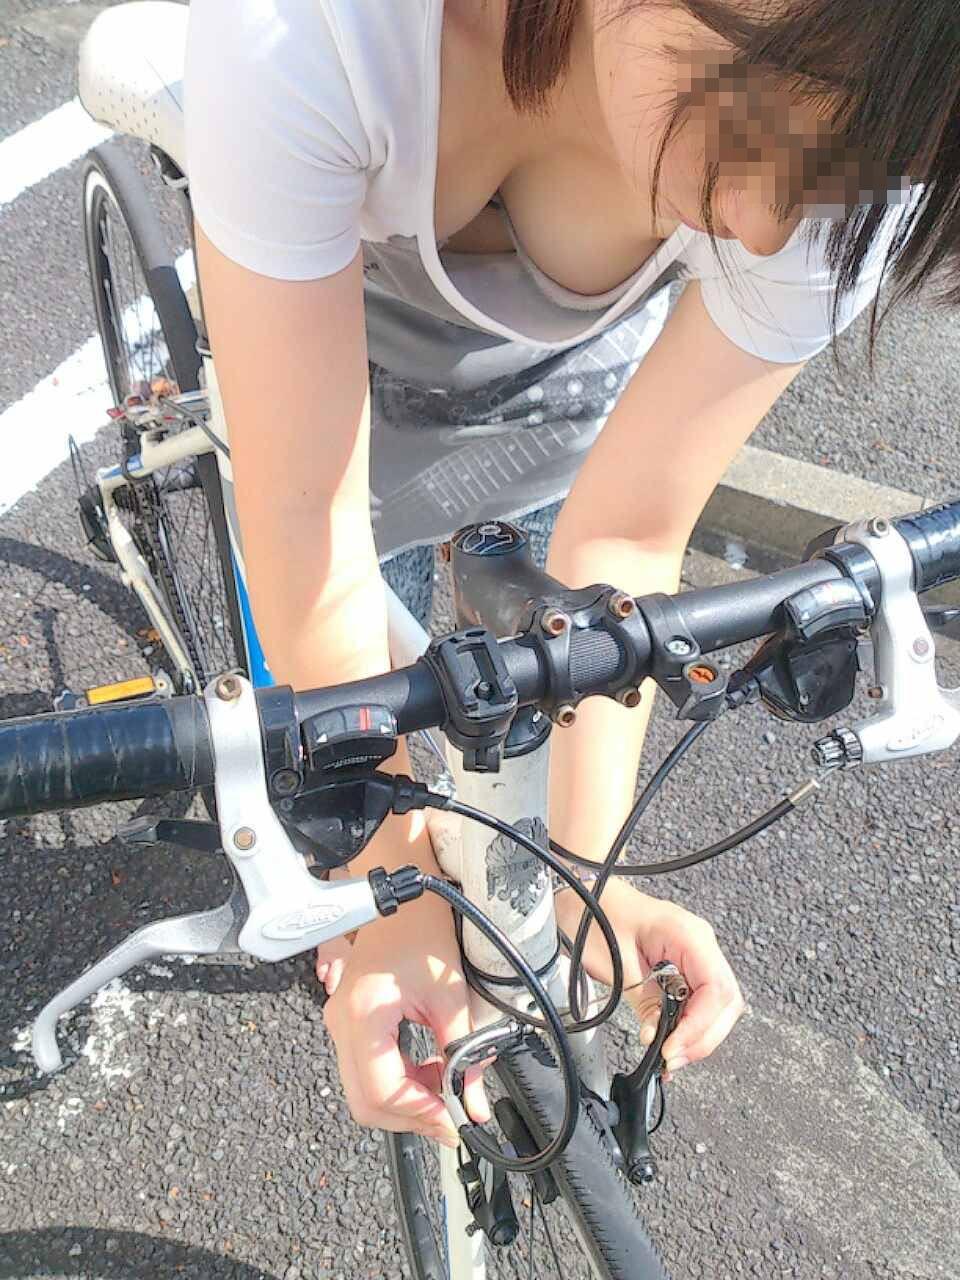 自転車のブレーキを調節してる女性のおっぱいを盗撮!